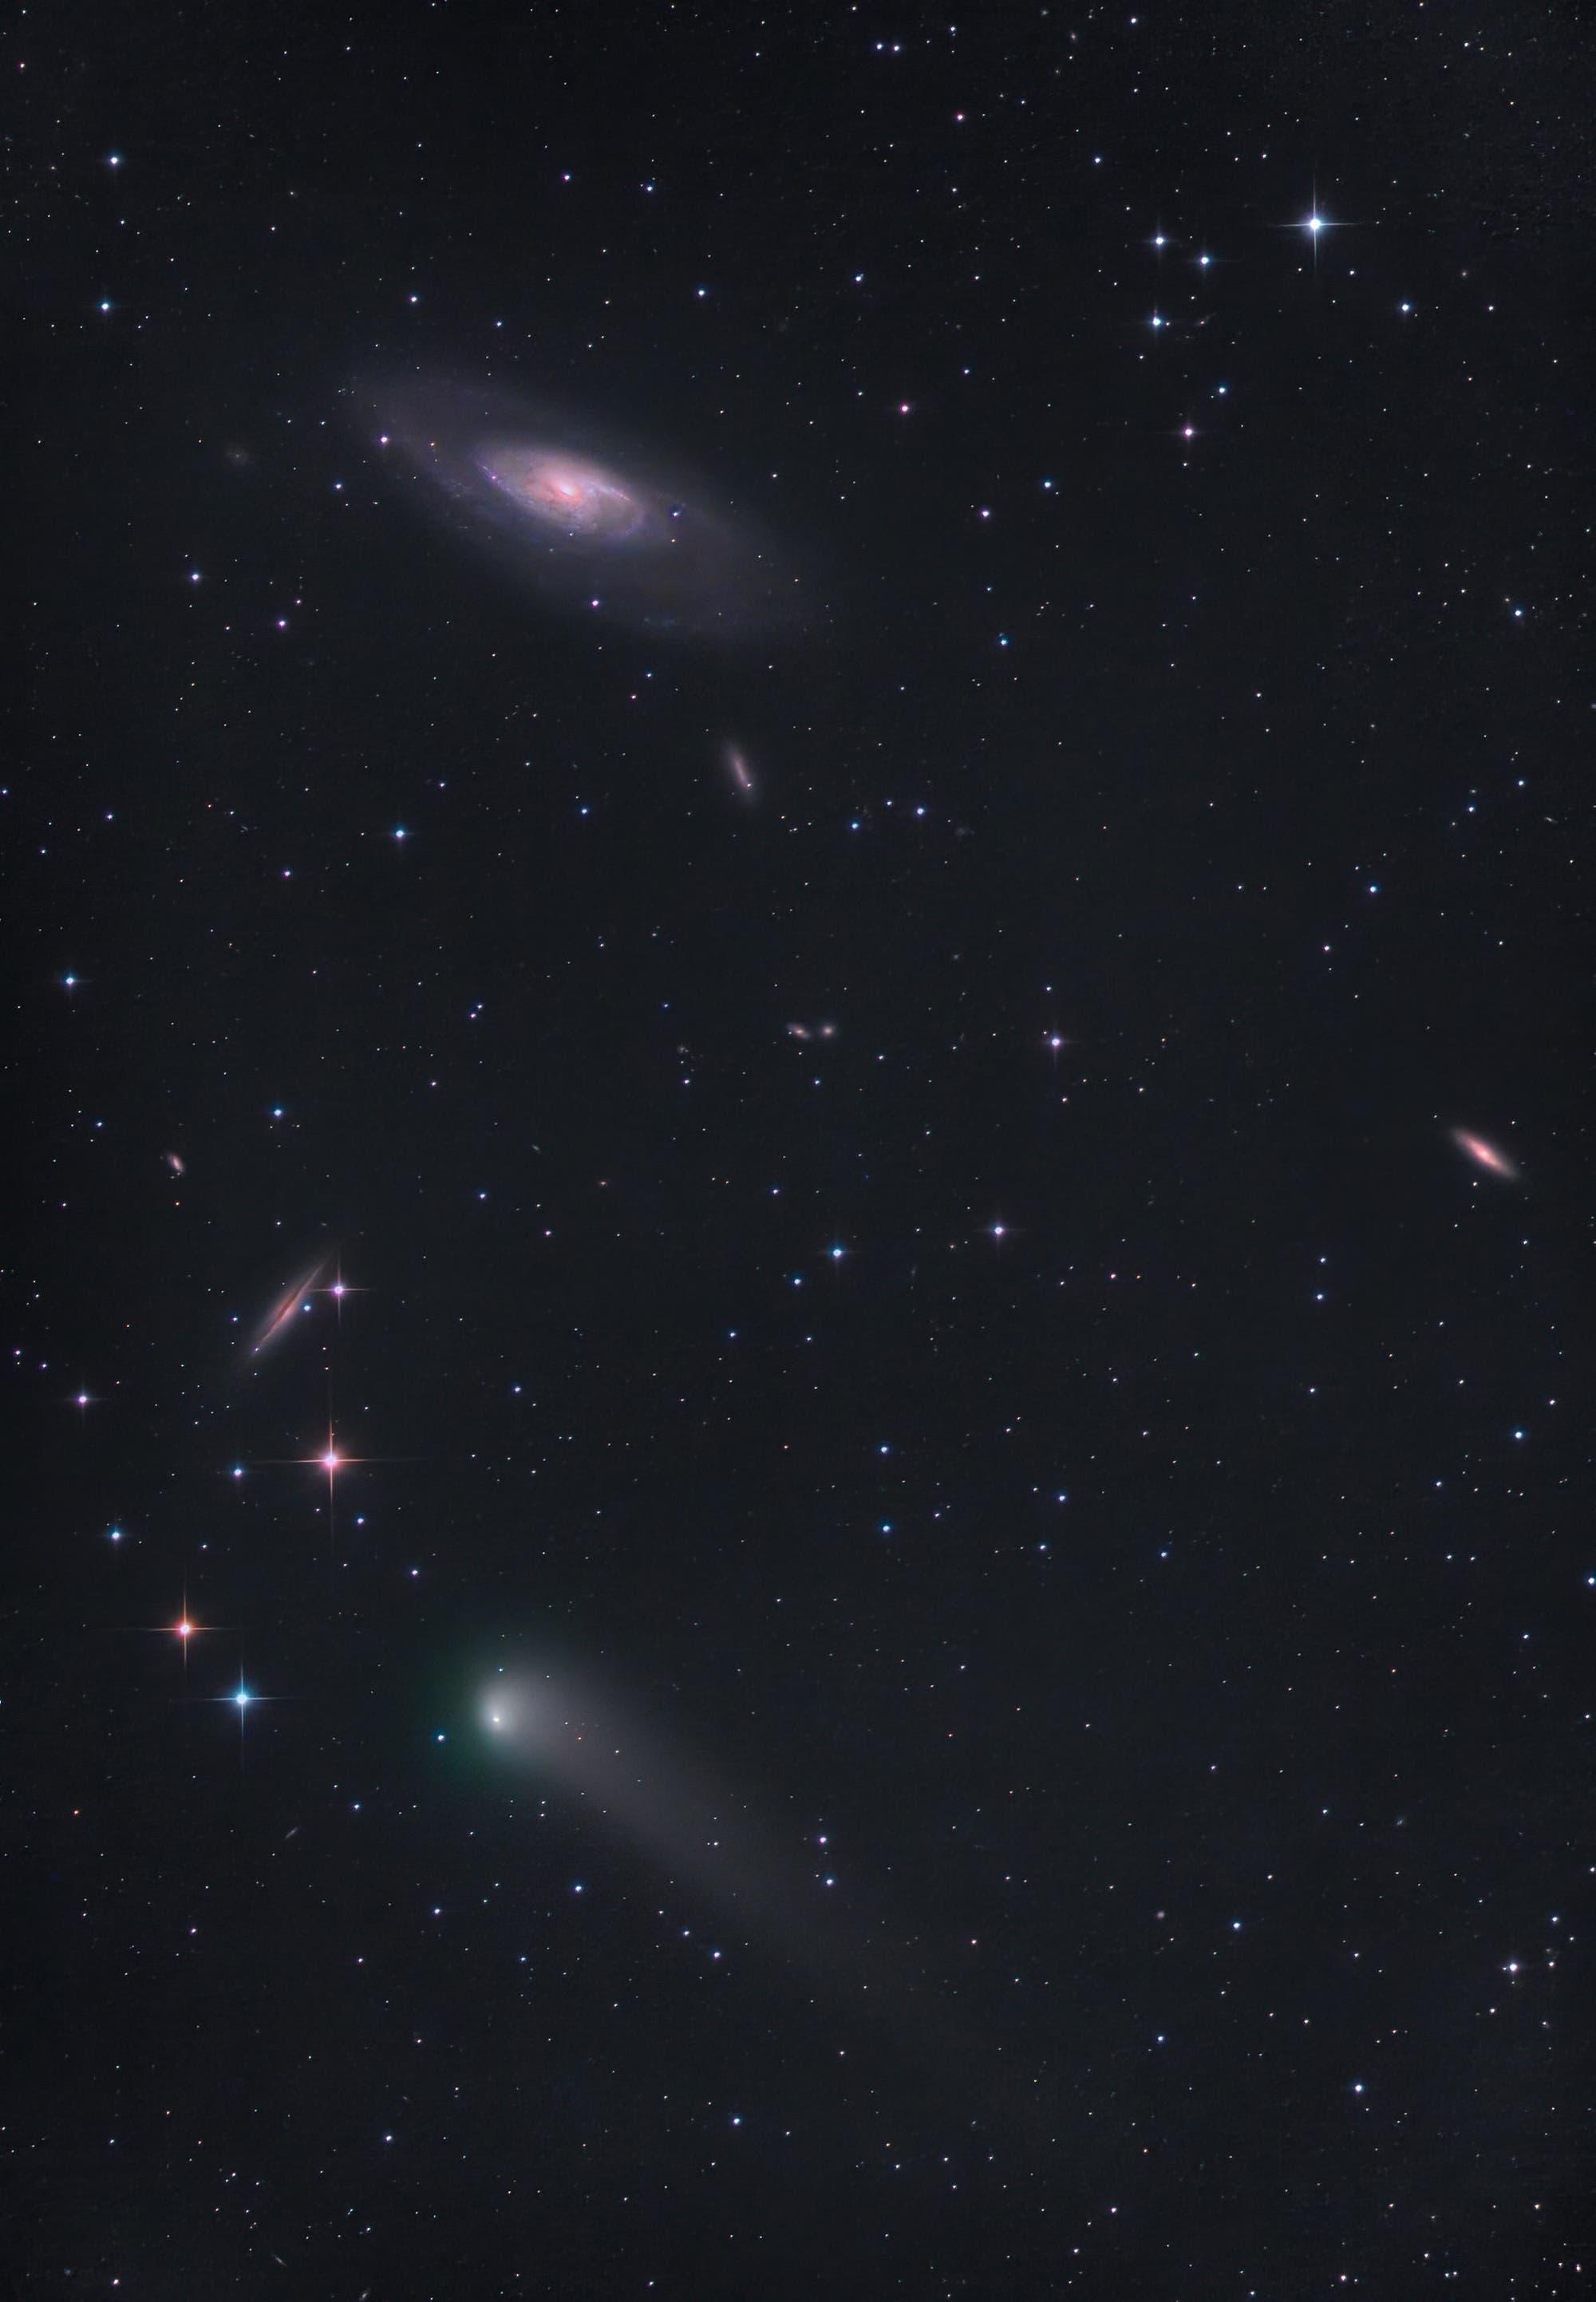 Komet C/2017 T2 (PANSTARRS) in der Nähe der Galaxie M 106